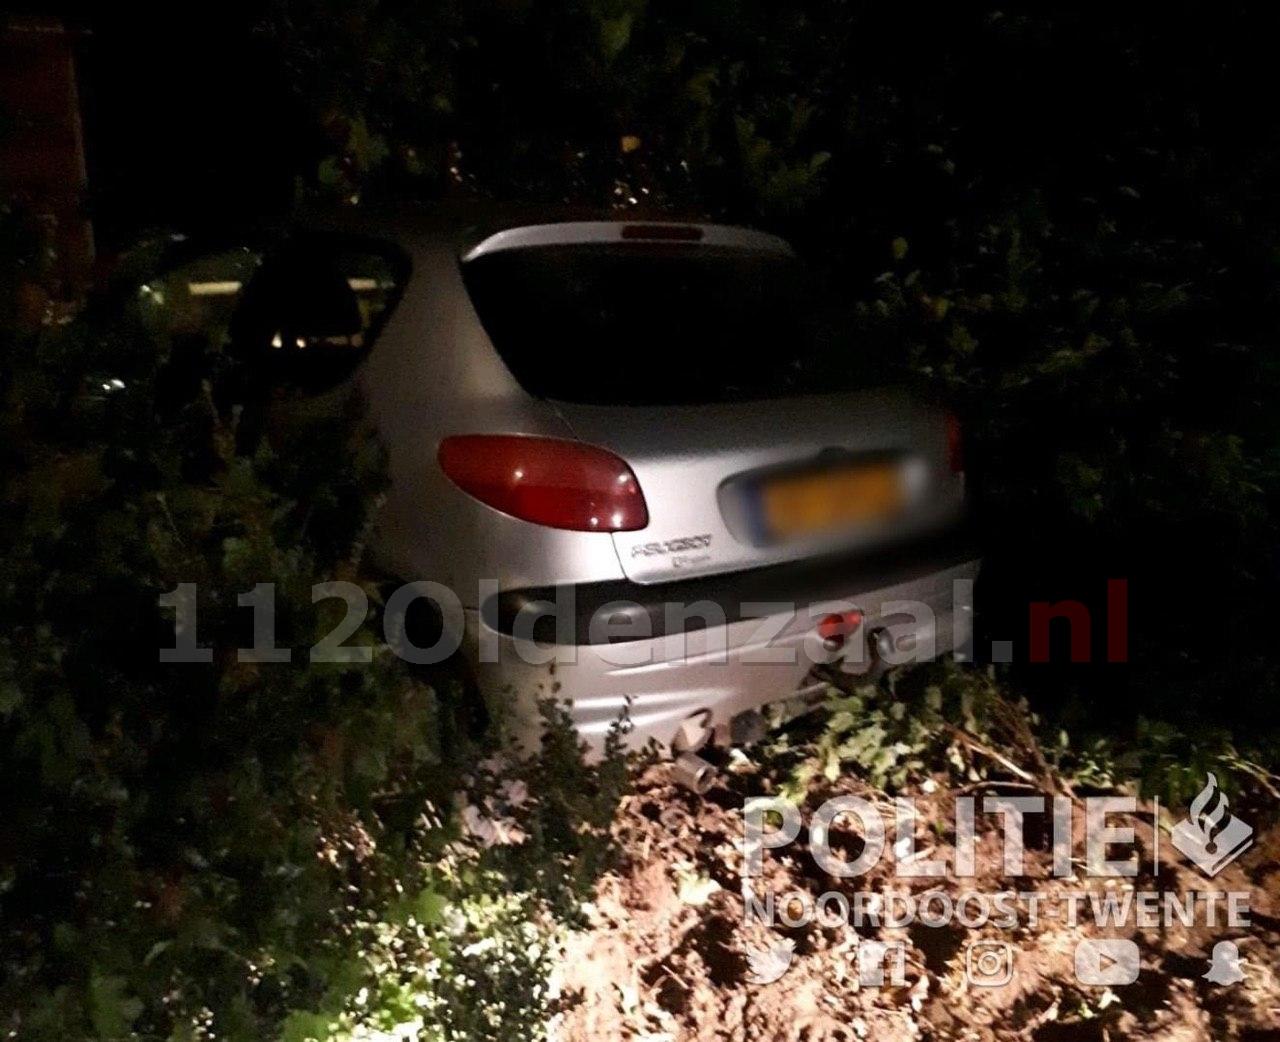 Beginnend bestuurder belandt onder invloed met auto in tuin